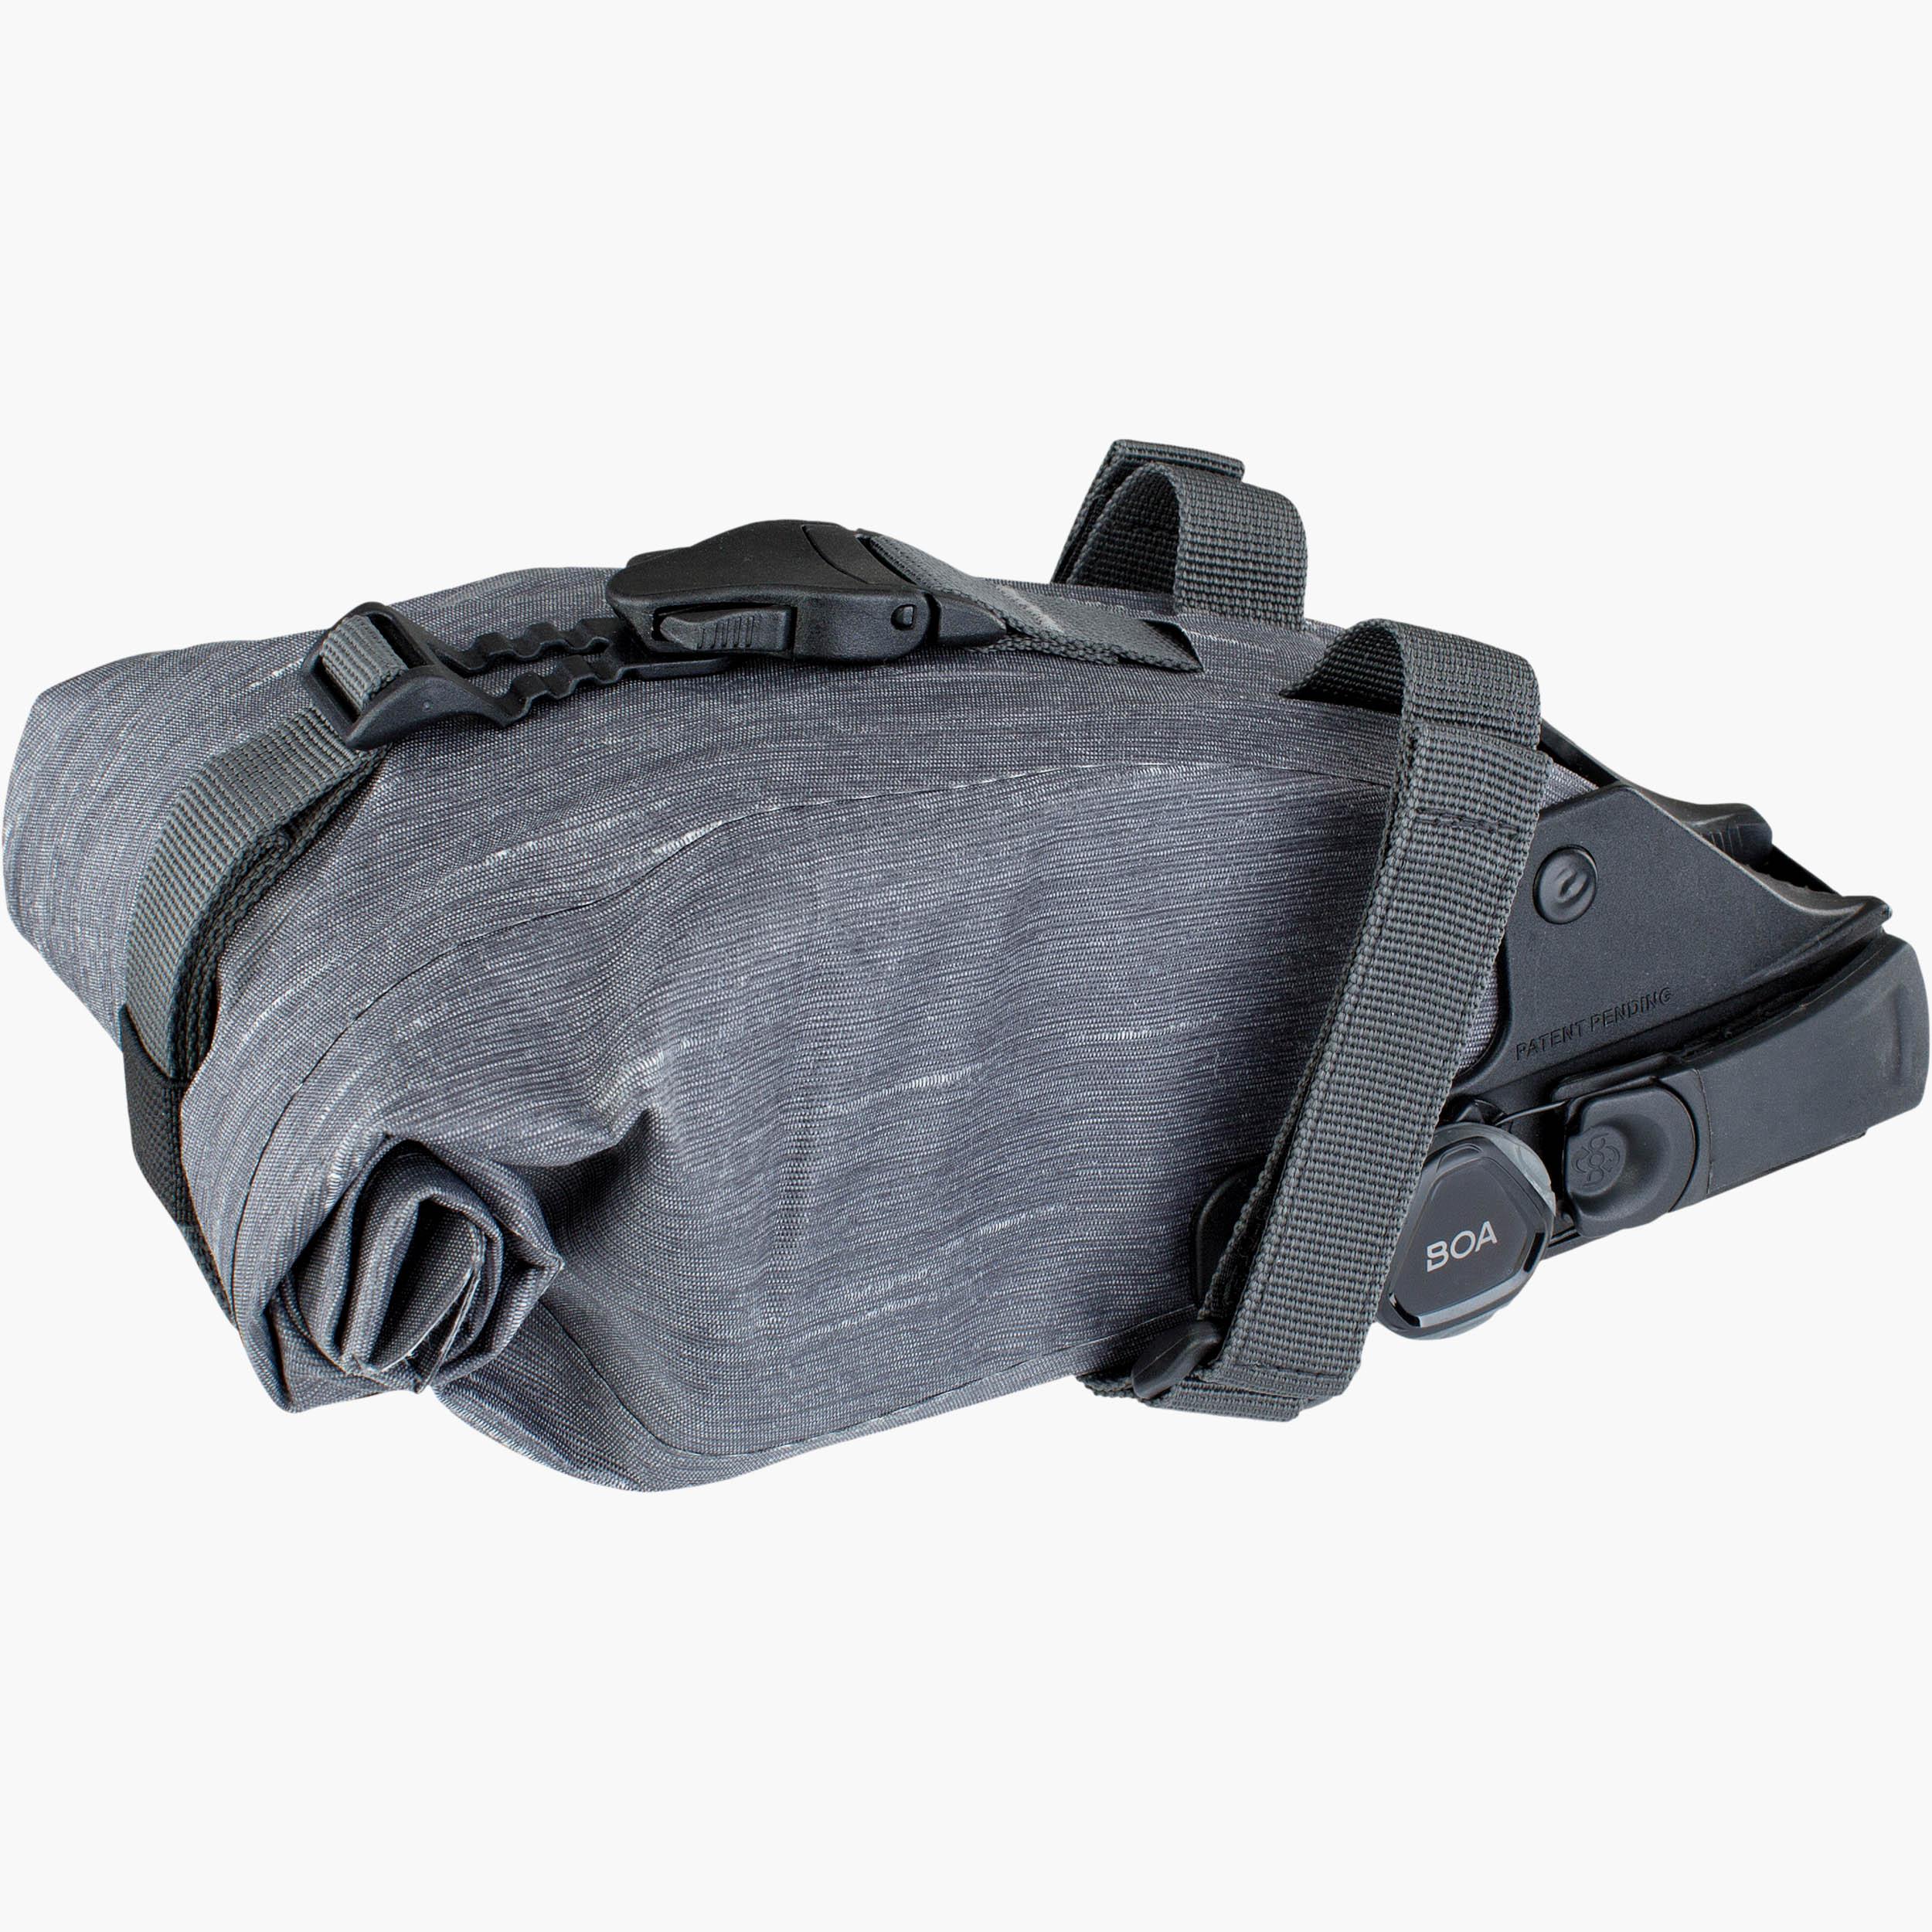 SEAT PACK BOA®